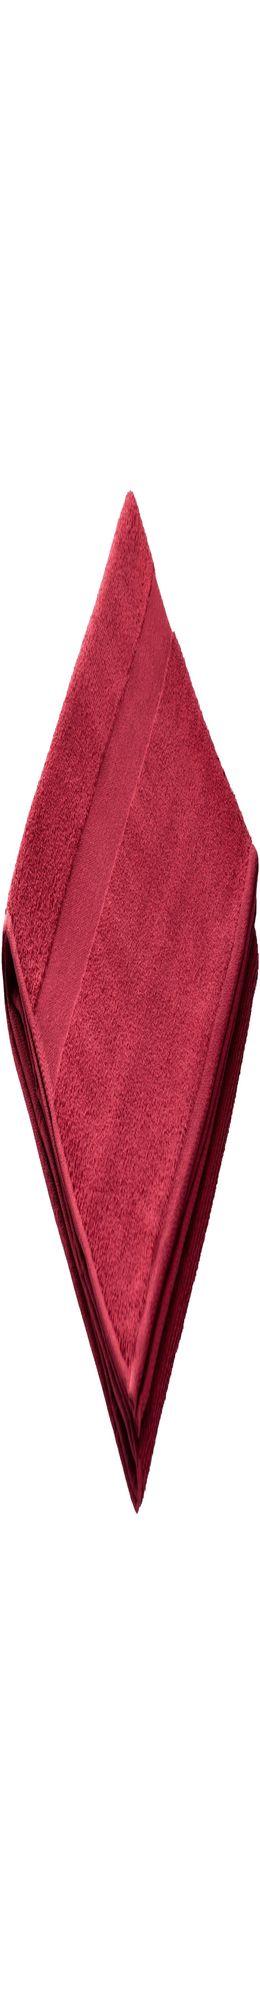 Полотенце махровое Large, бордовое, плотность 400 г/м² фото